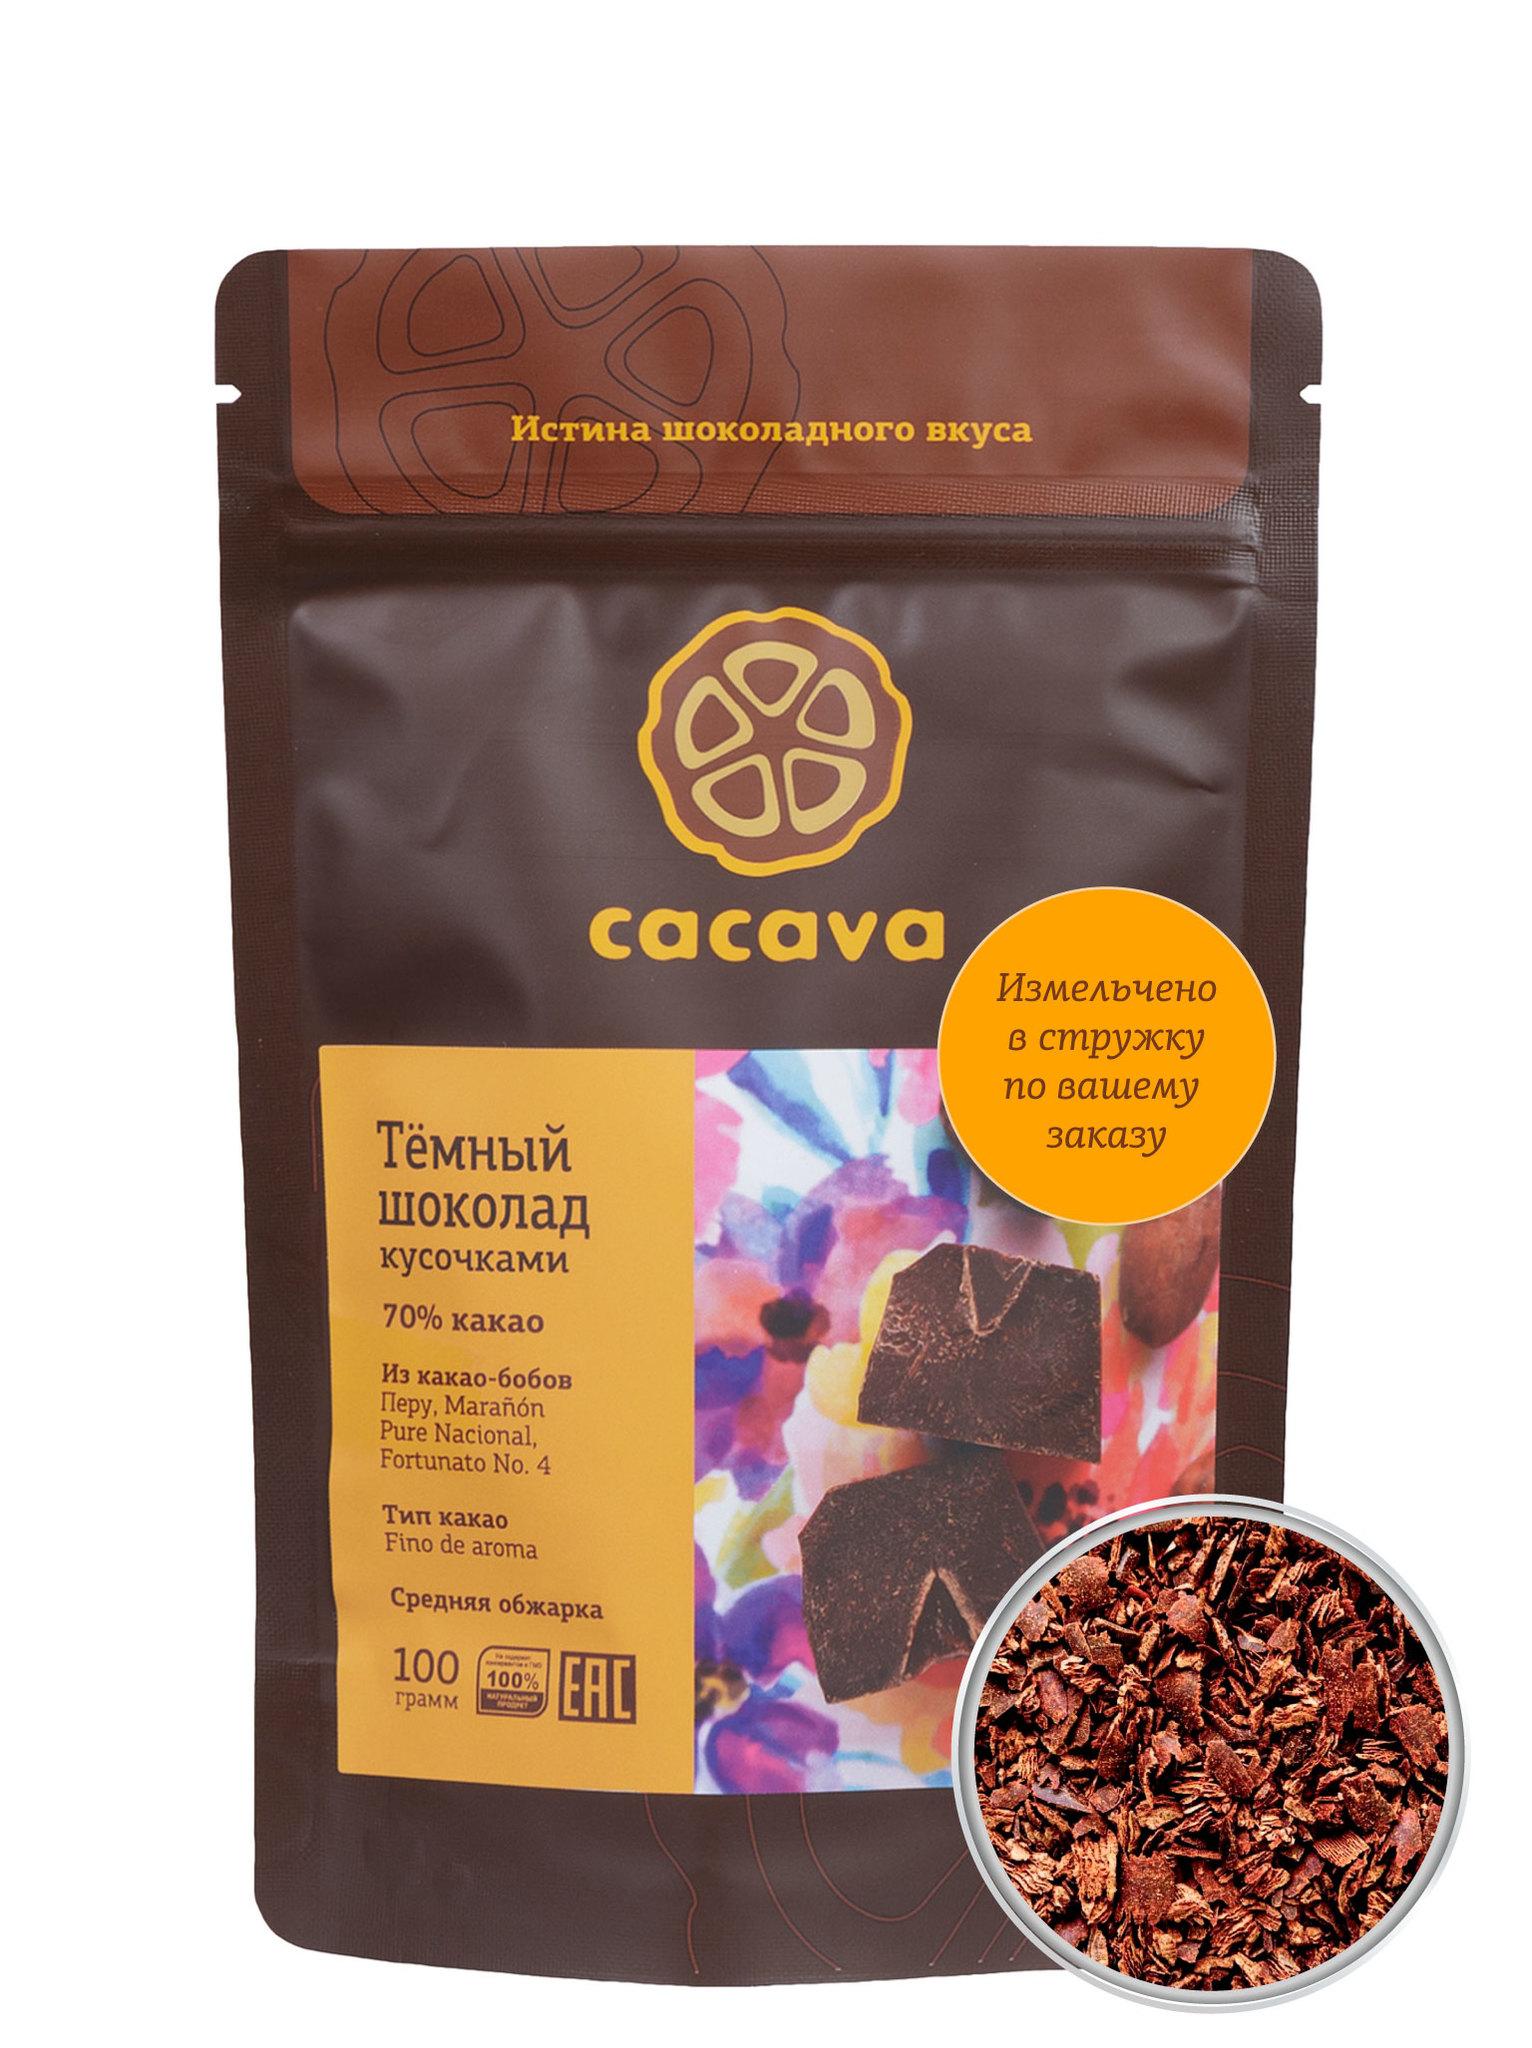 Тёмный шоколад 70% какао в стружке (Перу, Marañón), упаковка 100 грамм